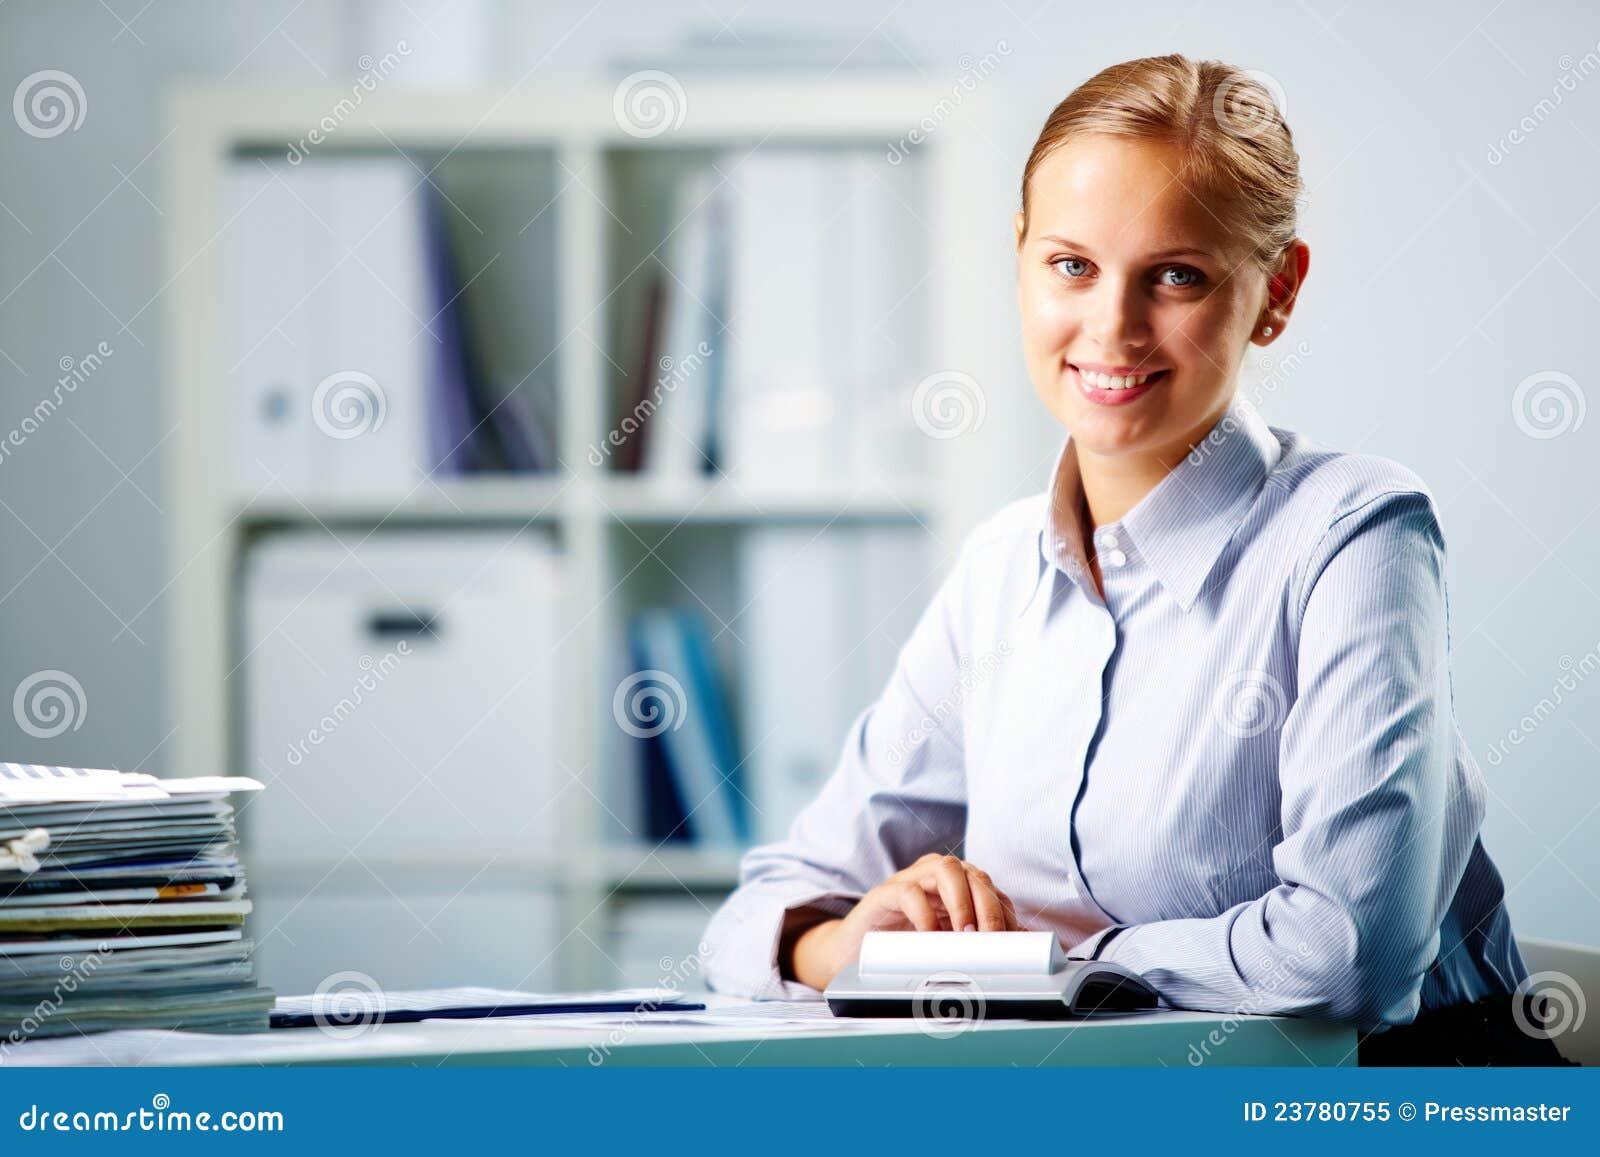 Случай с секретаршей в офисе 8 фотография